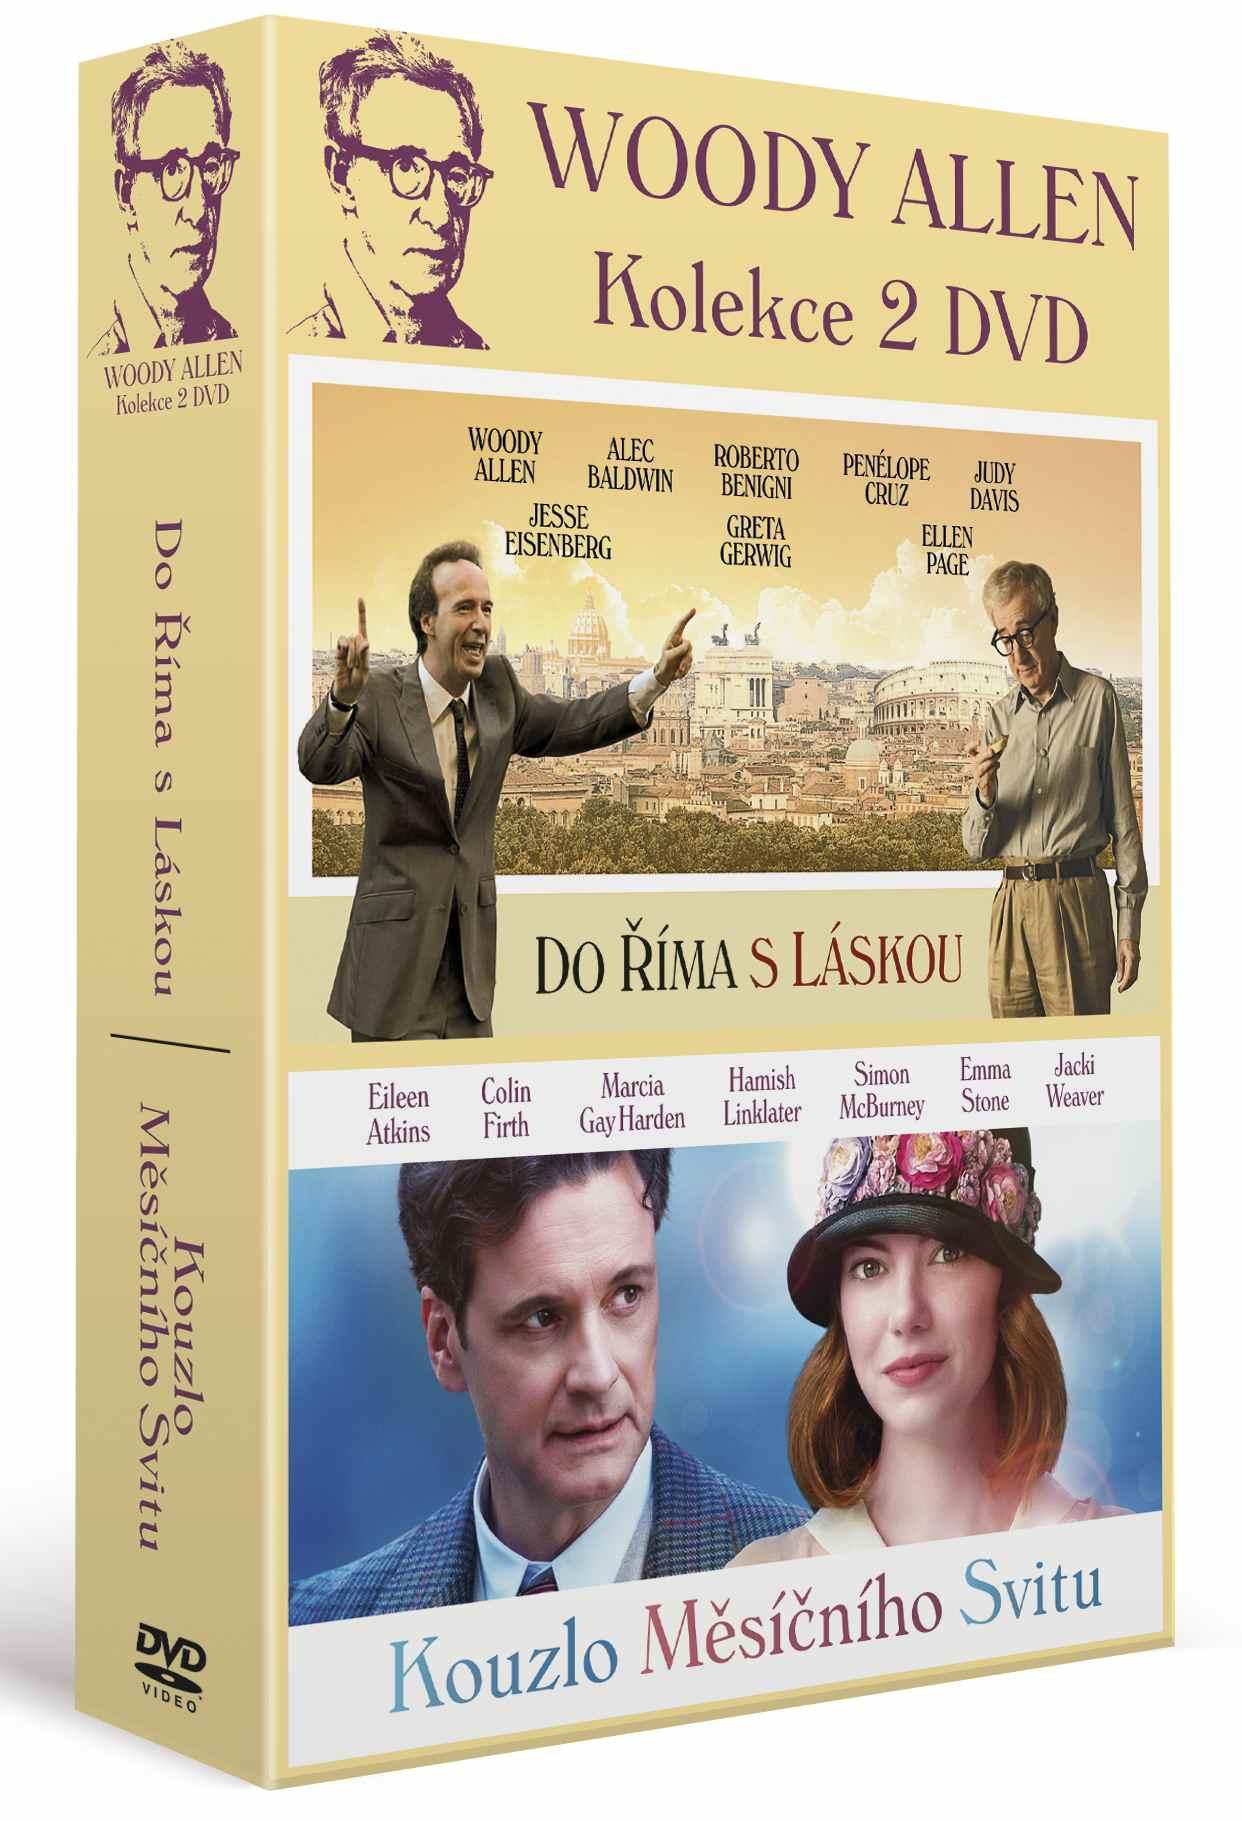 WOODY ALLEN KOLEKCE (Kouzlo měsíčního svitu + Do Říma s láskou) - 2 DVD